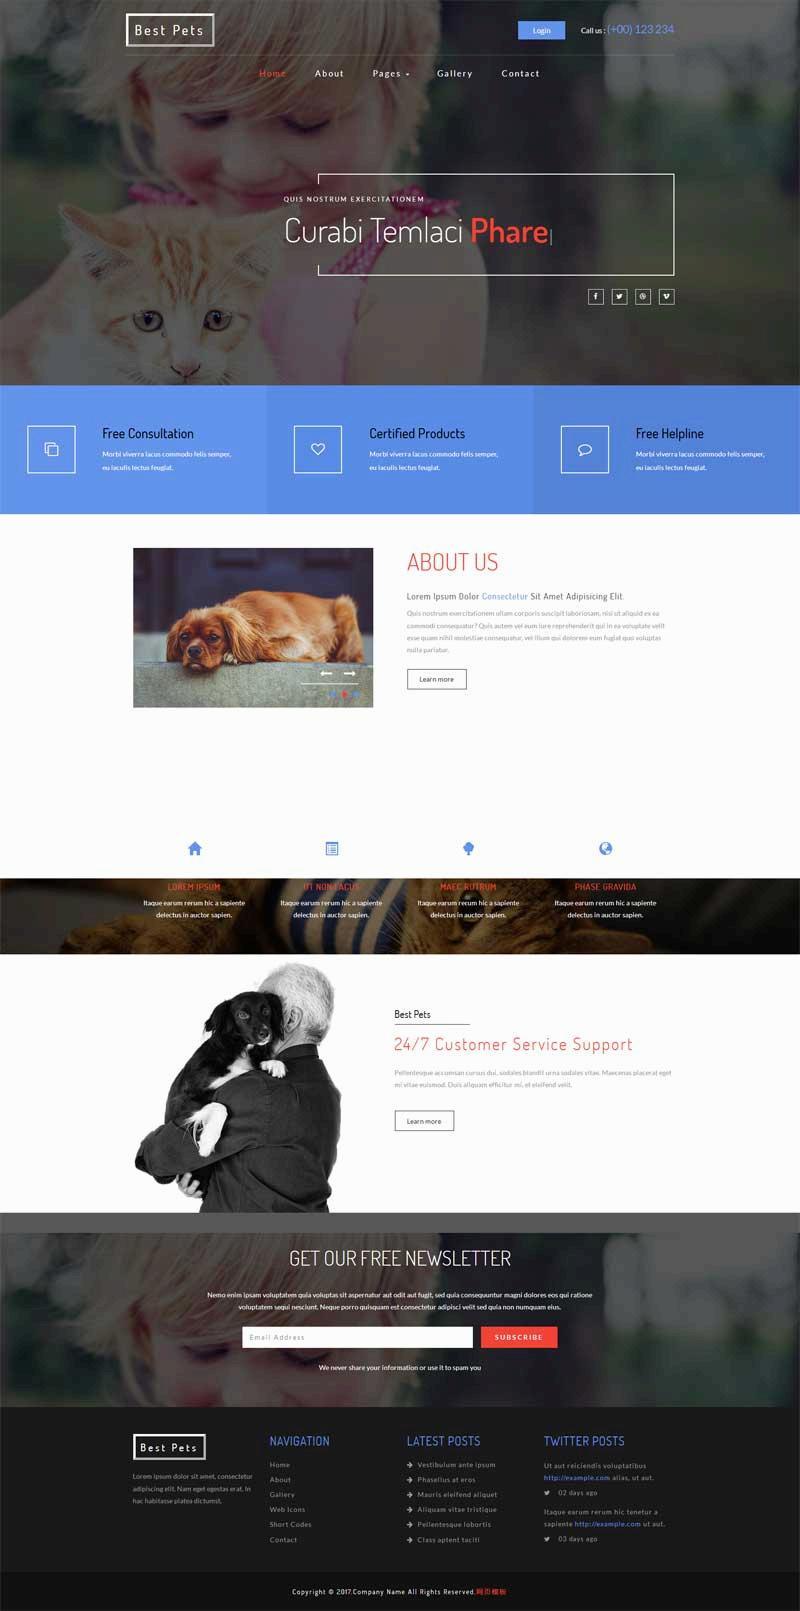 宽屏的家庭宠物购买网站模板html下载